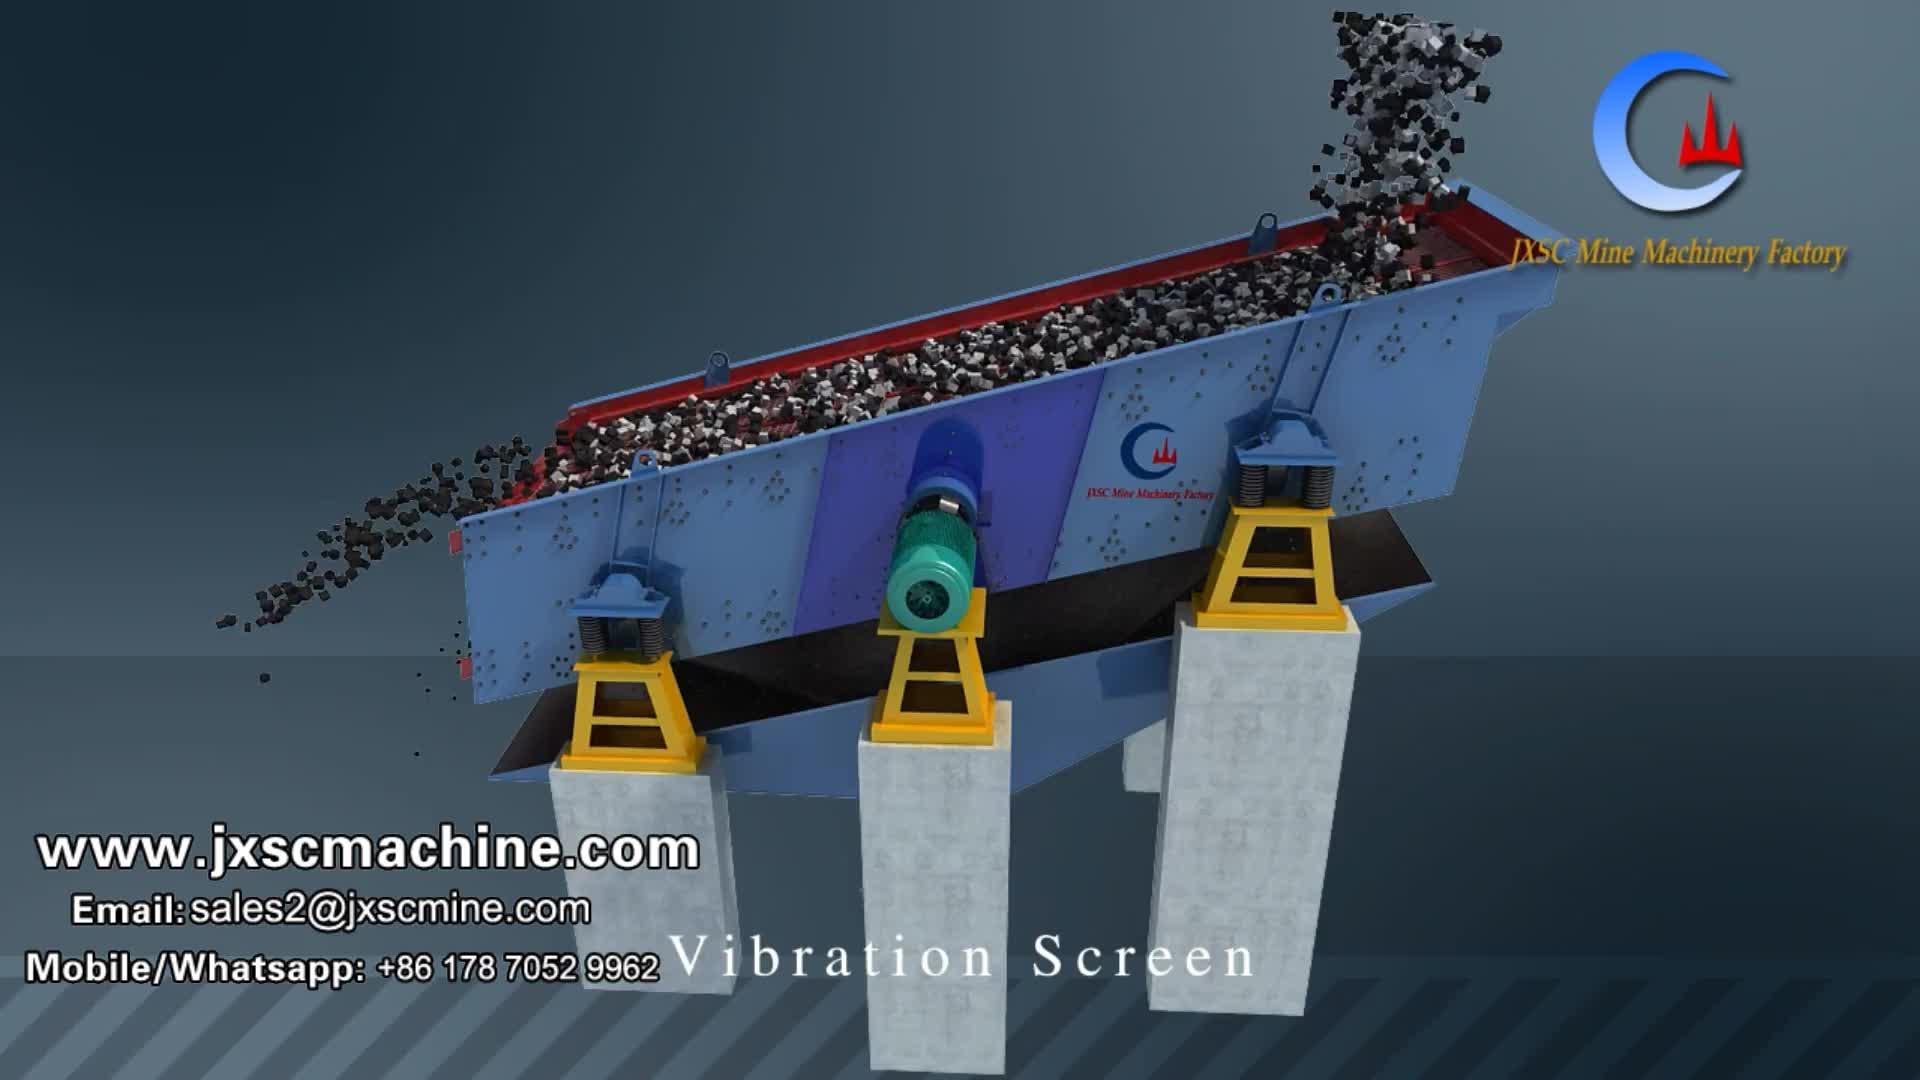 대용량 마이닝 진동 체질 장비 분리기 체 필리핀 자갈 모래 진동체 스크린